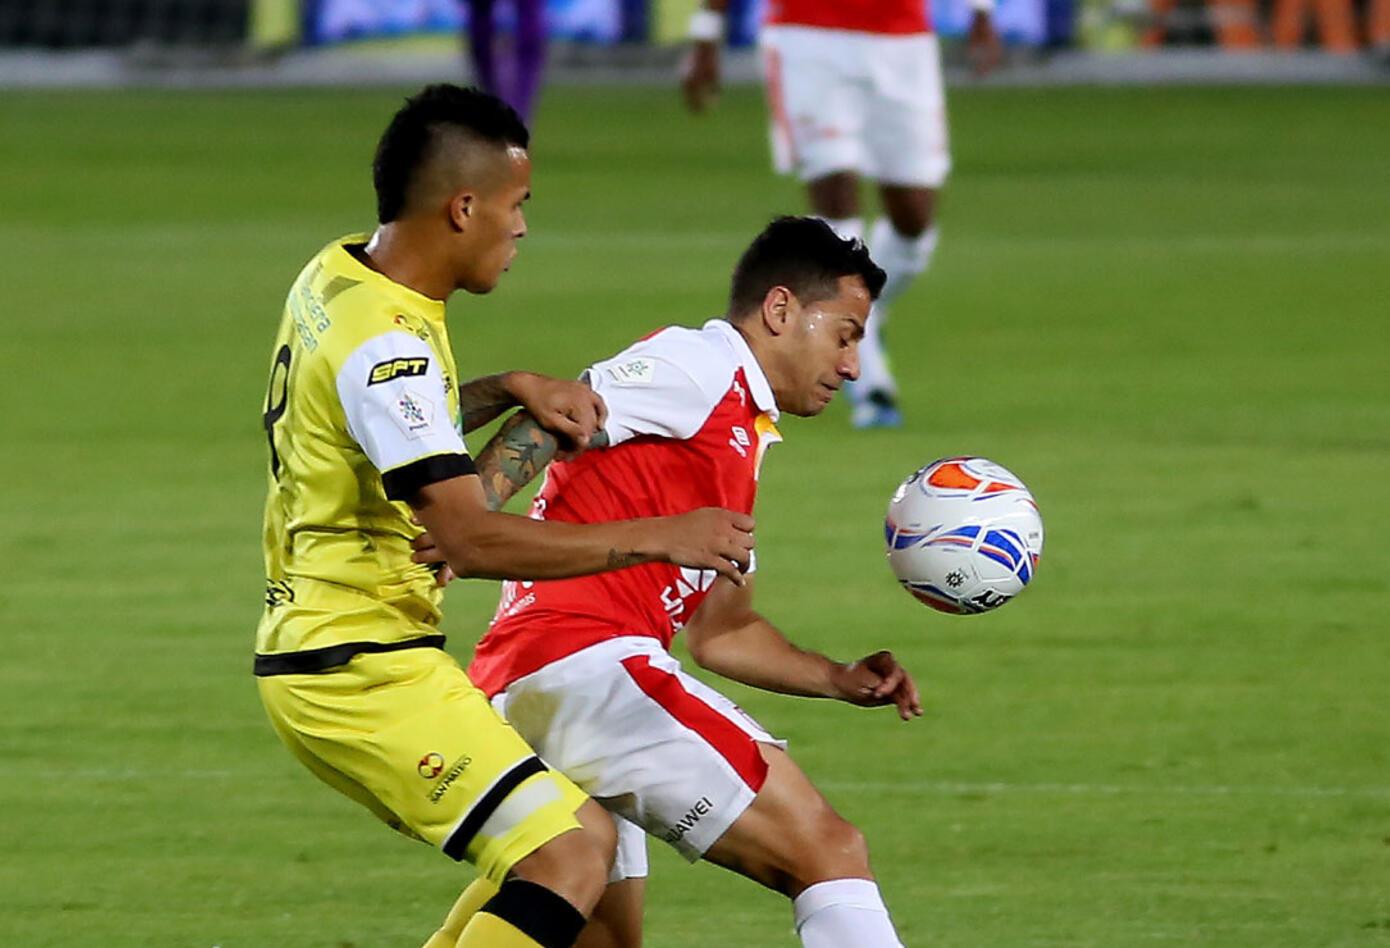 Diego Guastavino recibe la marca de un jugador de Santa Fe